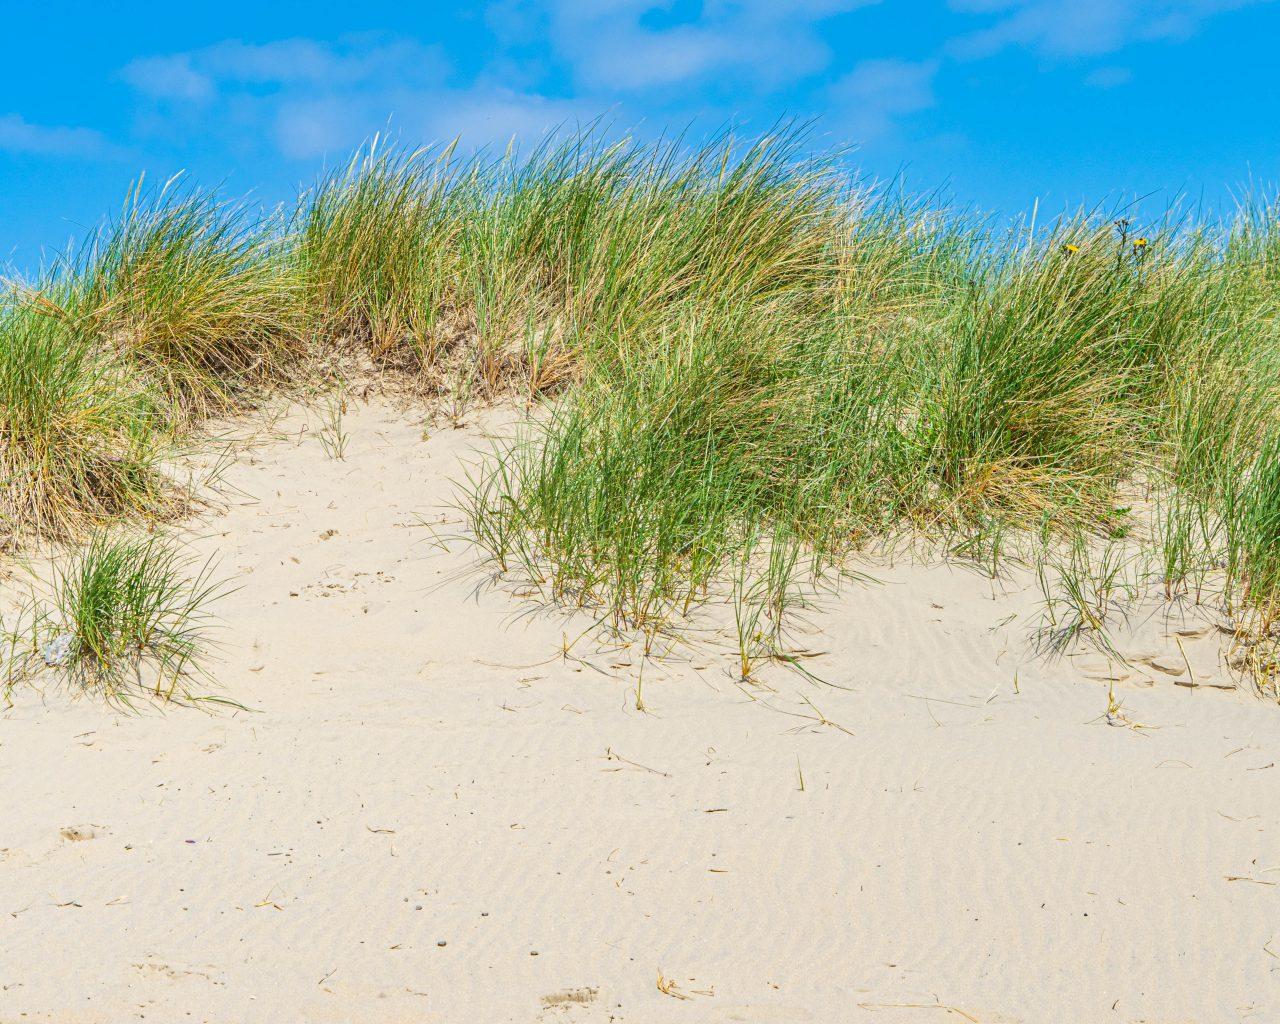 Treinreizen-Nederland-Texel-duinen